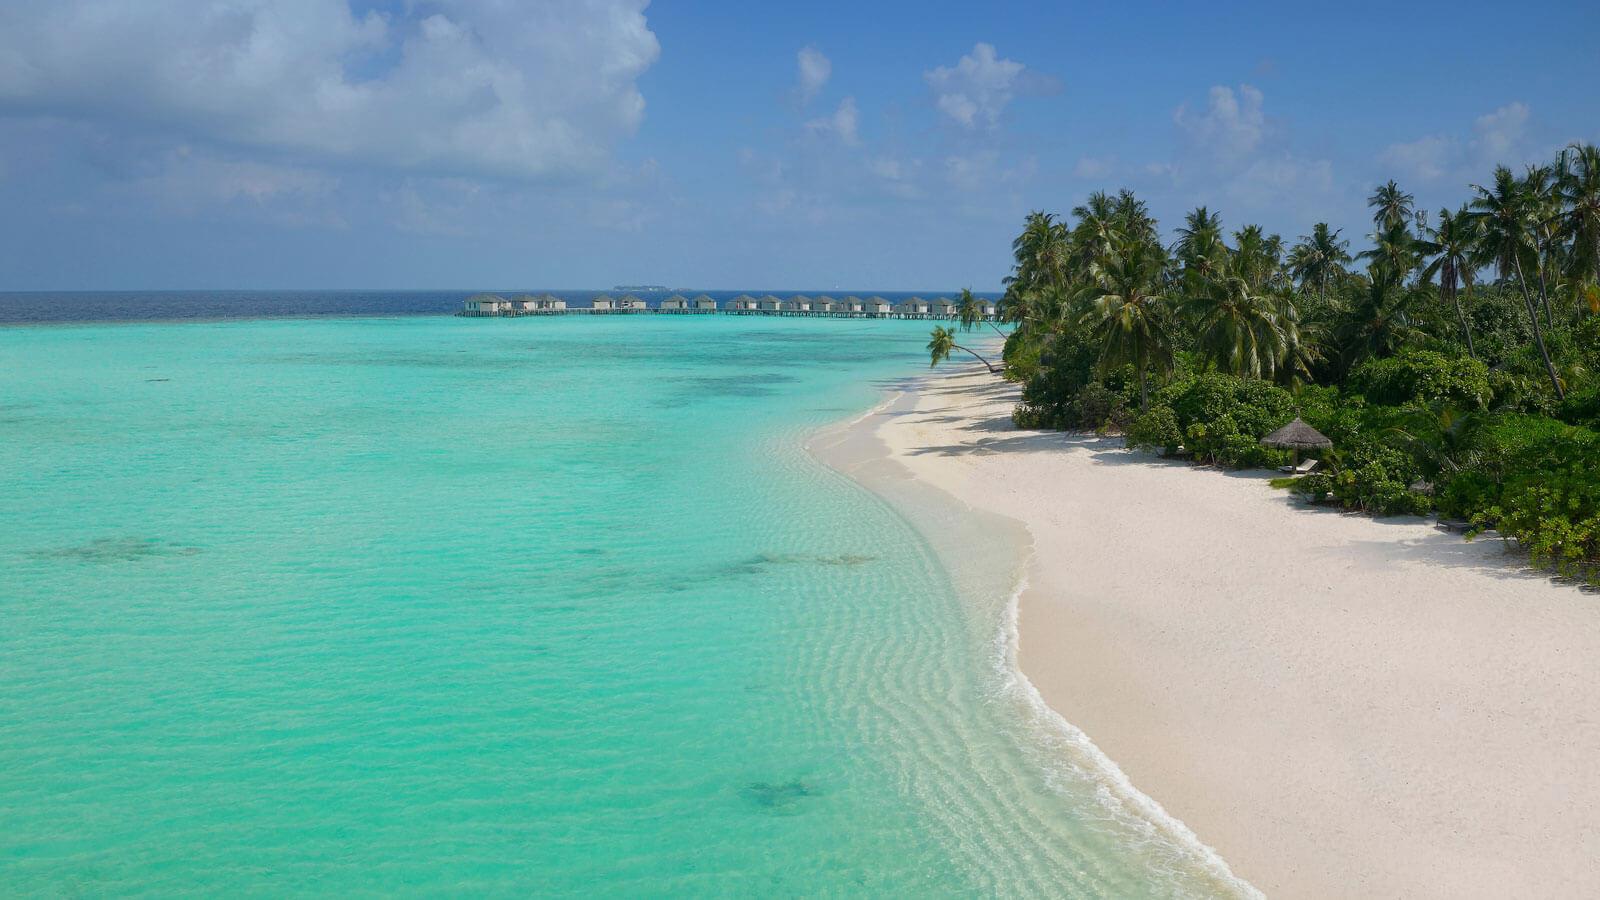 Мальдивы, отель Amari Havodda Maldives, пляж